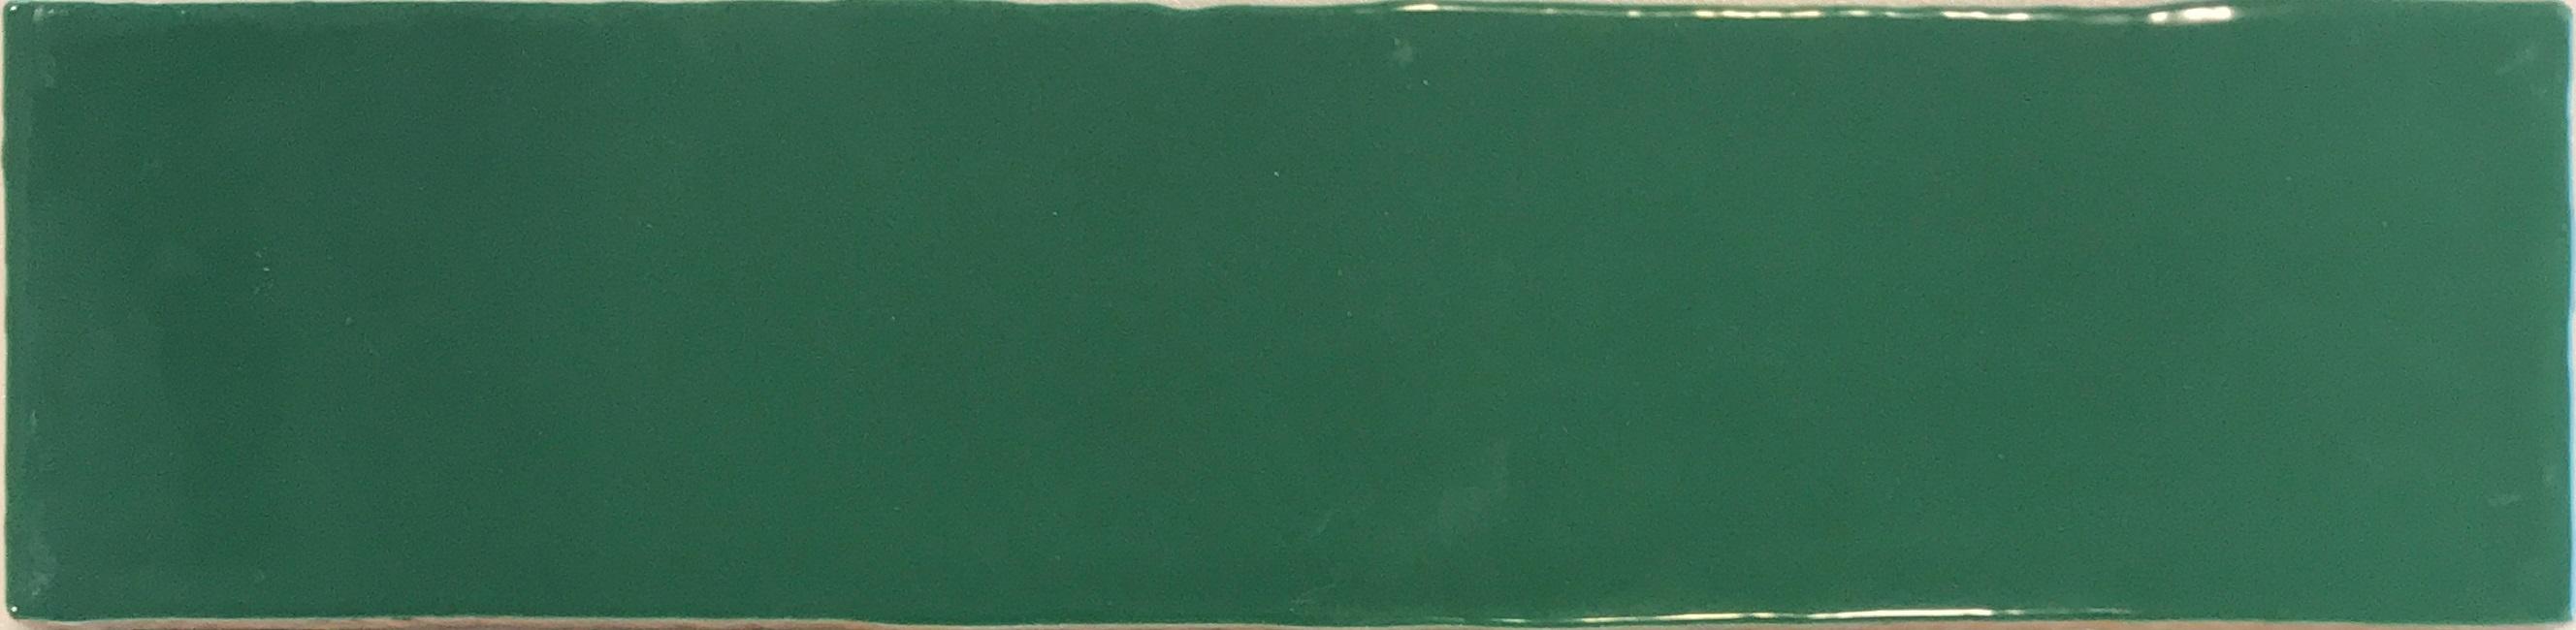 Vintage wandtegel Linea Verde glans